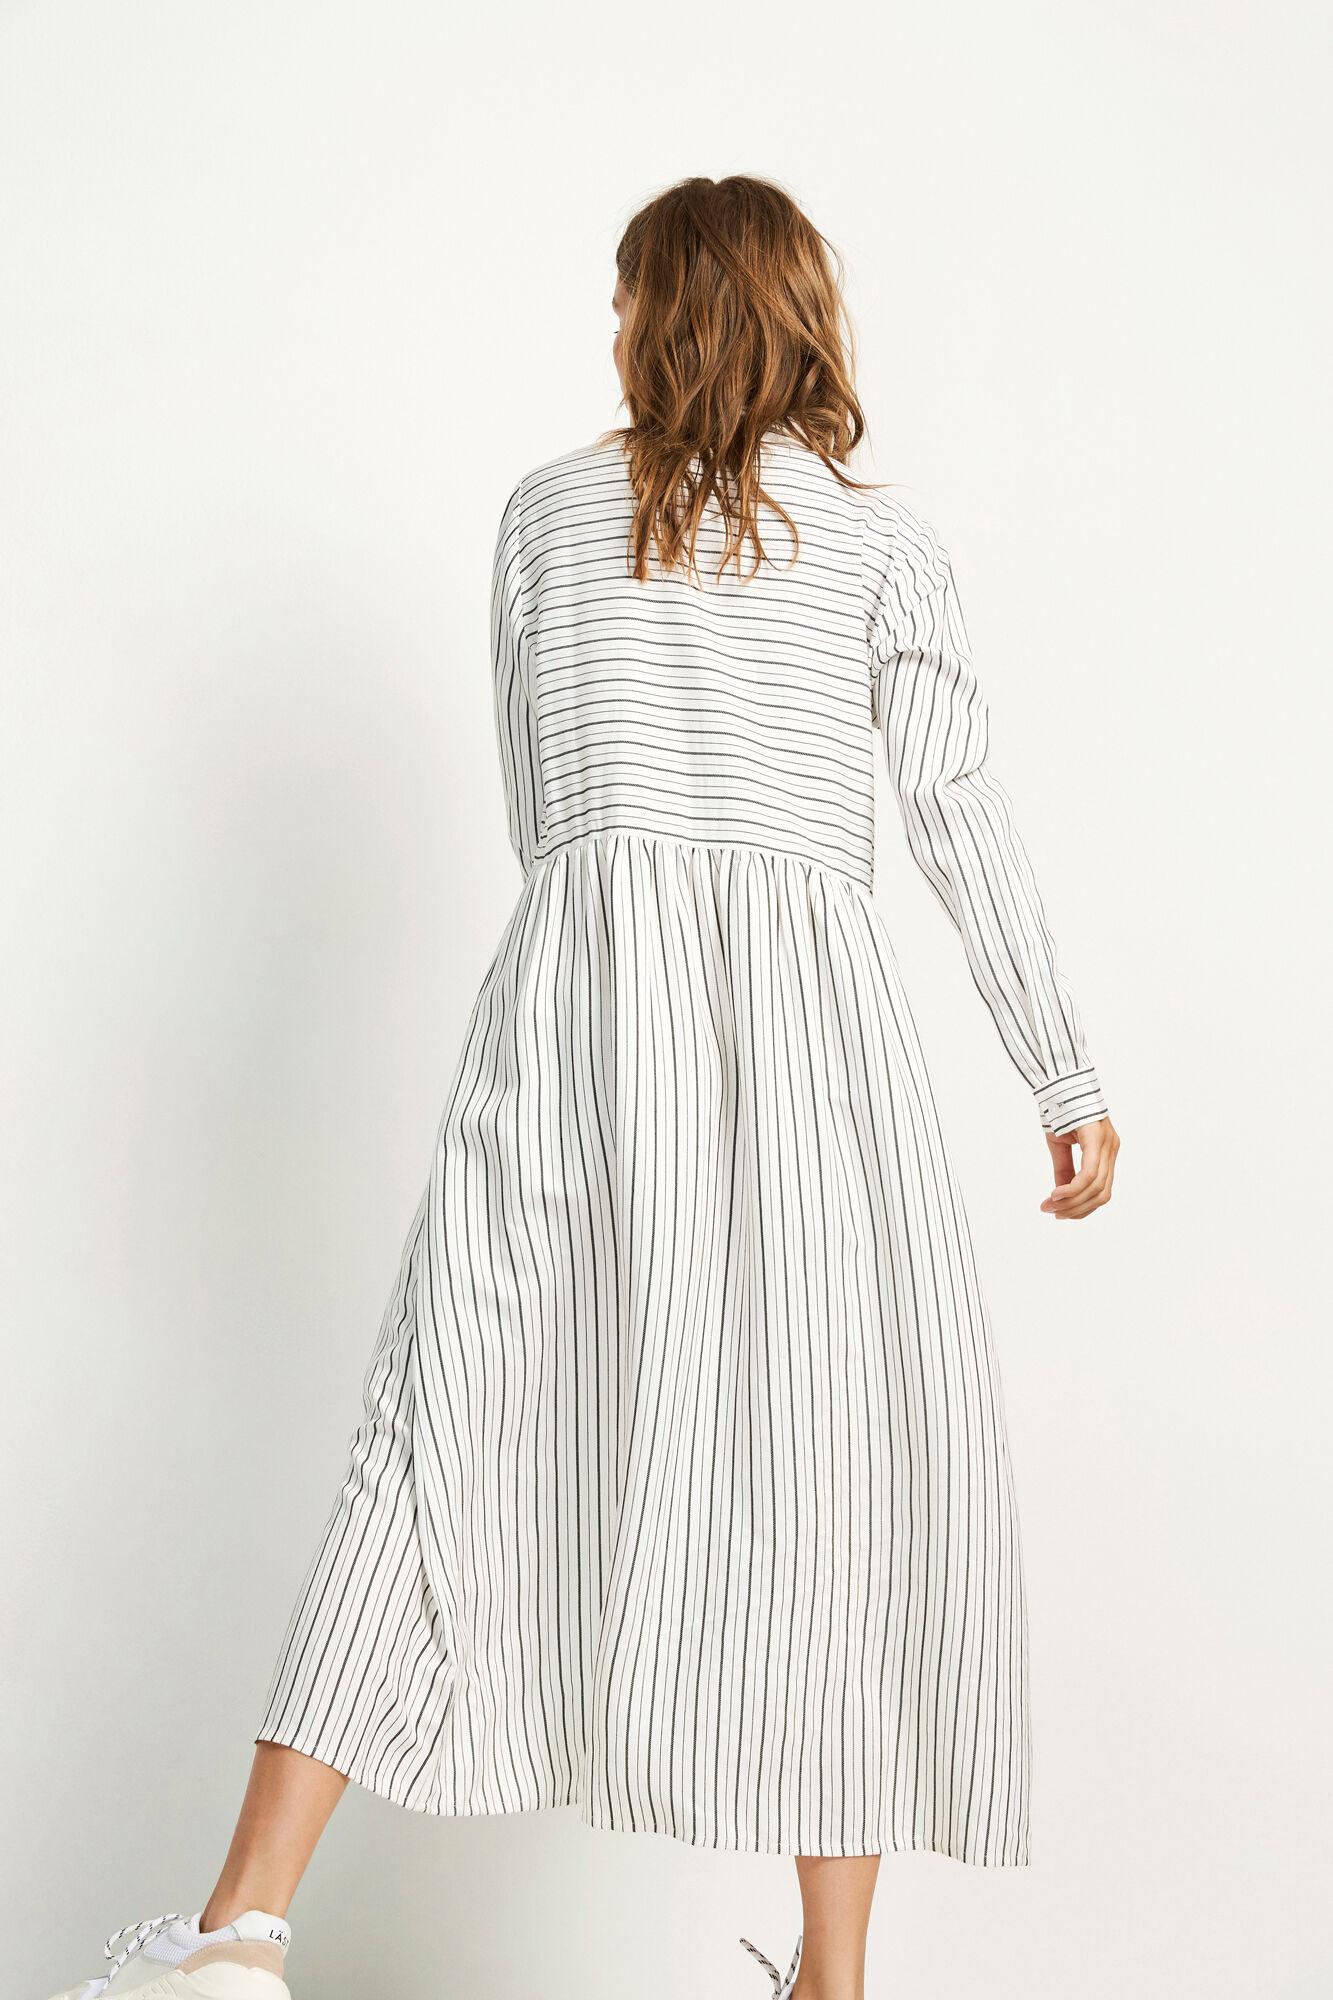 ENMOORE LS DRESS 6627